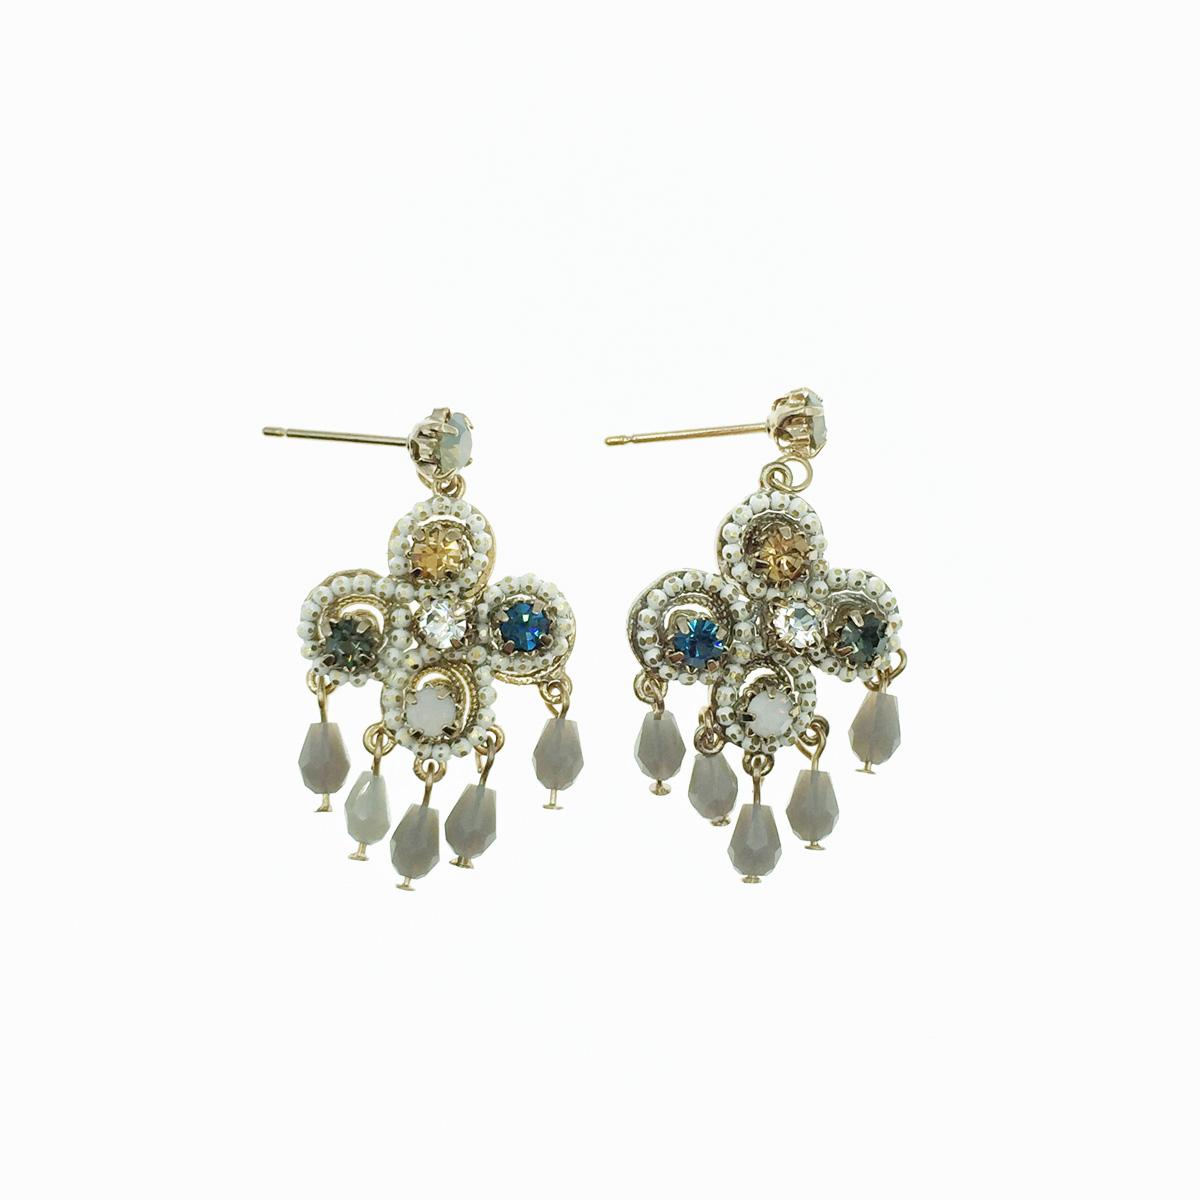 珍珠水鑽 垂墜流蘇 耳針式耳環 採用施華洛世奇水晶元素 Crystals from Swarovski